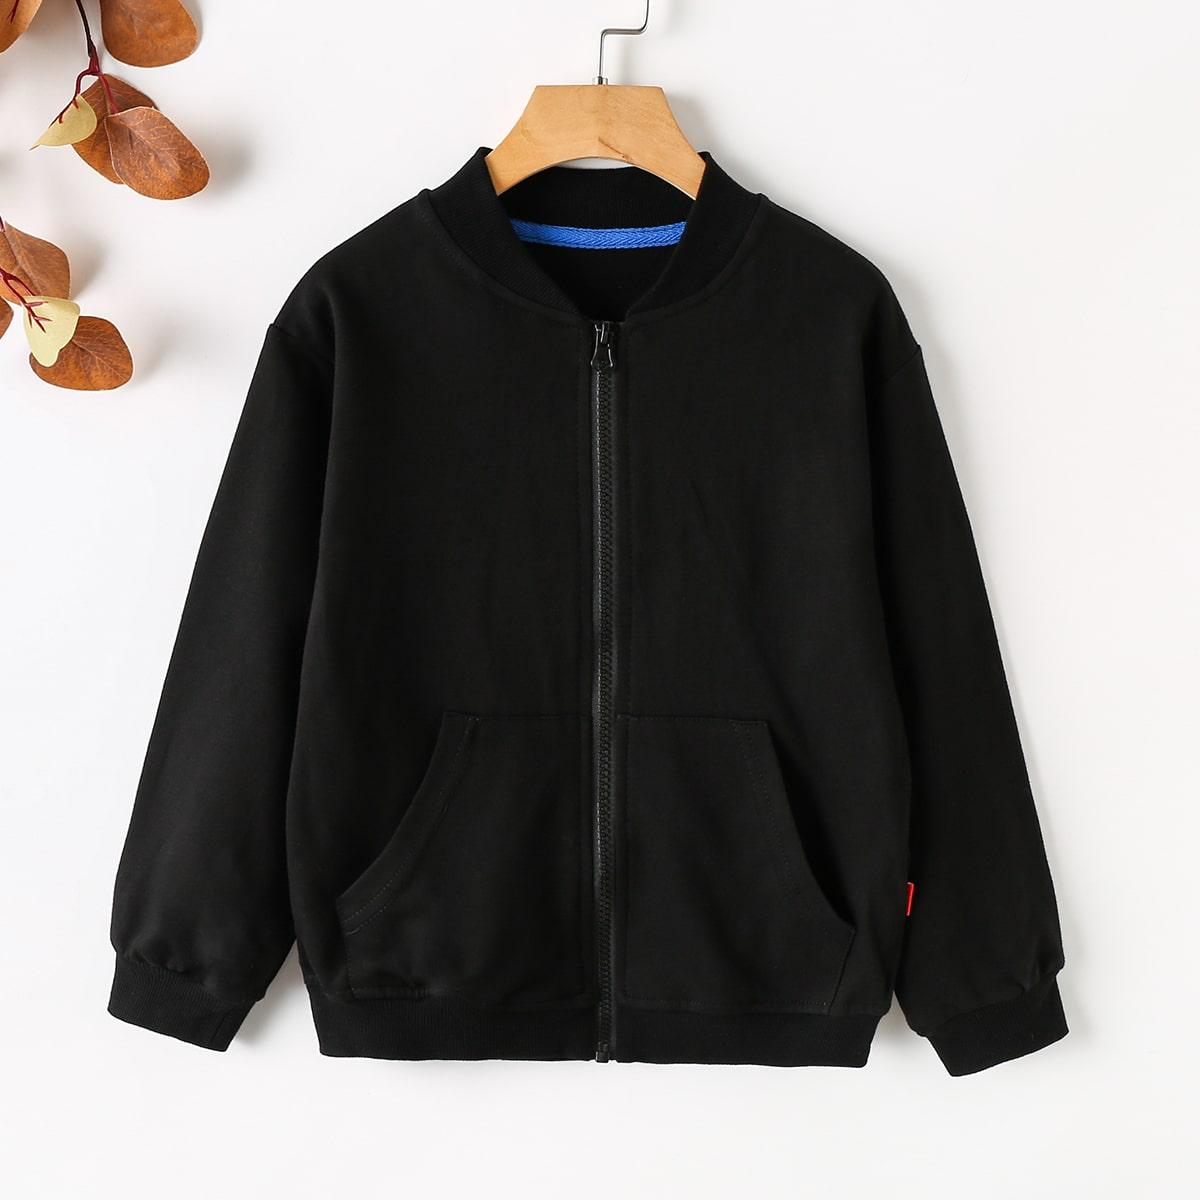 Boys Slant Pocket Zipper Bomber Jacket